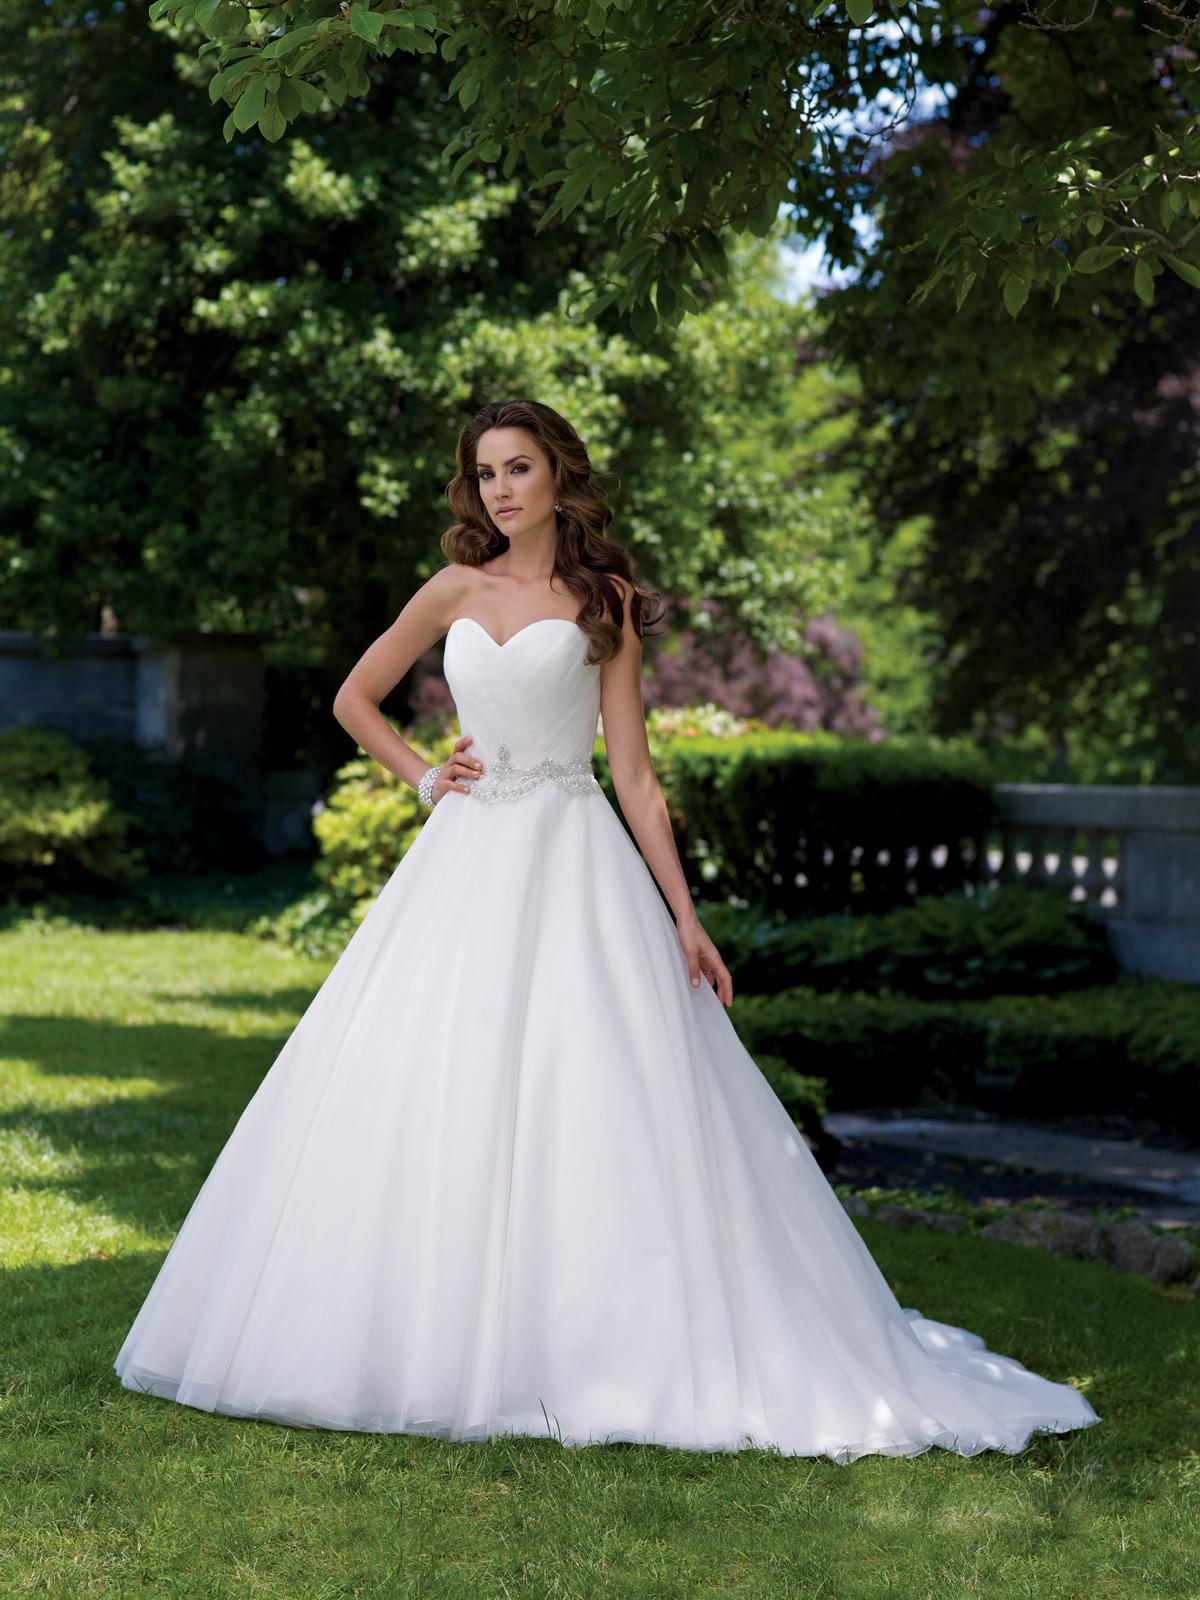 Vestido de Noiva Herrera - Hipnose Alta Costura e Spa para Noivas e Noivos - Campinas - SP Vestido de Noiva, Vestidos de Noiva Princesa, Hipnose Alta Costura, Vestido de Noiva Herrera